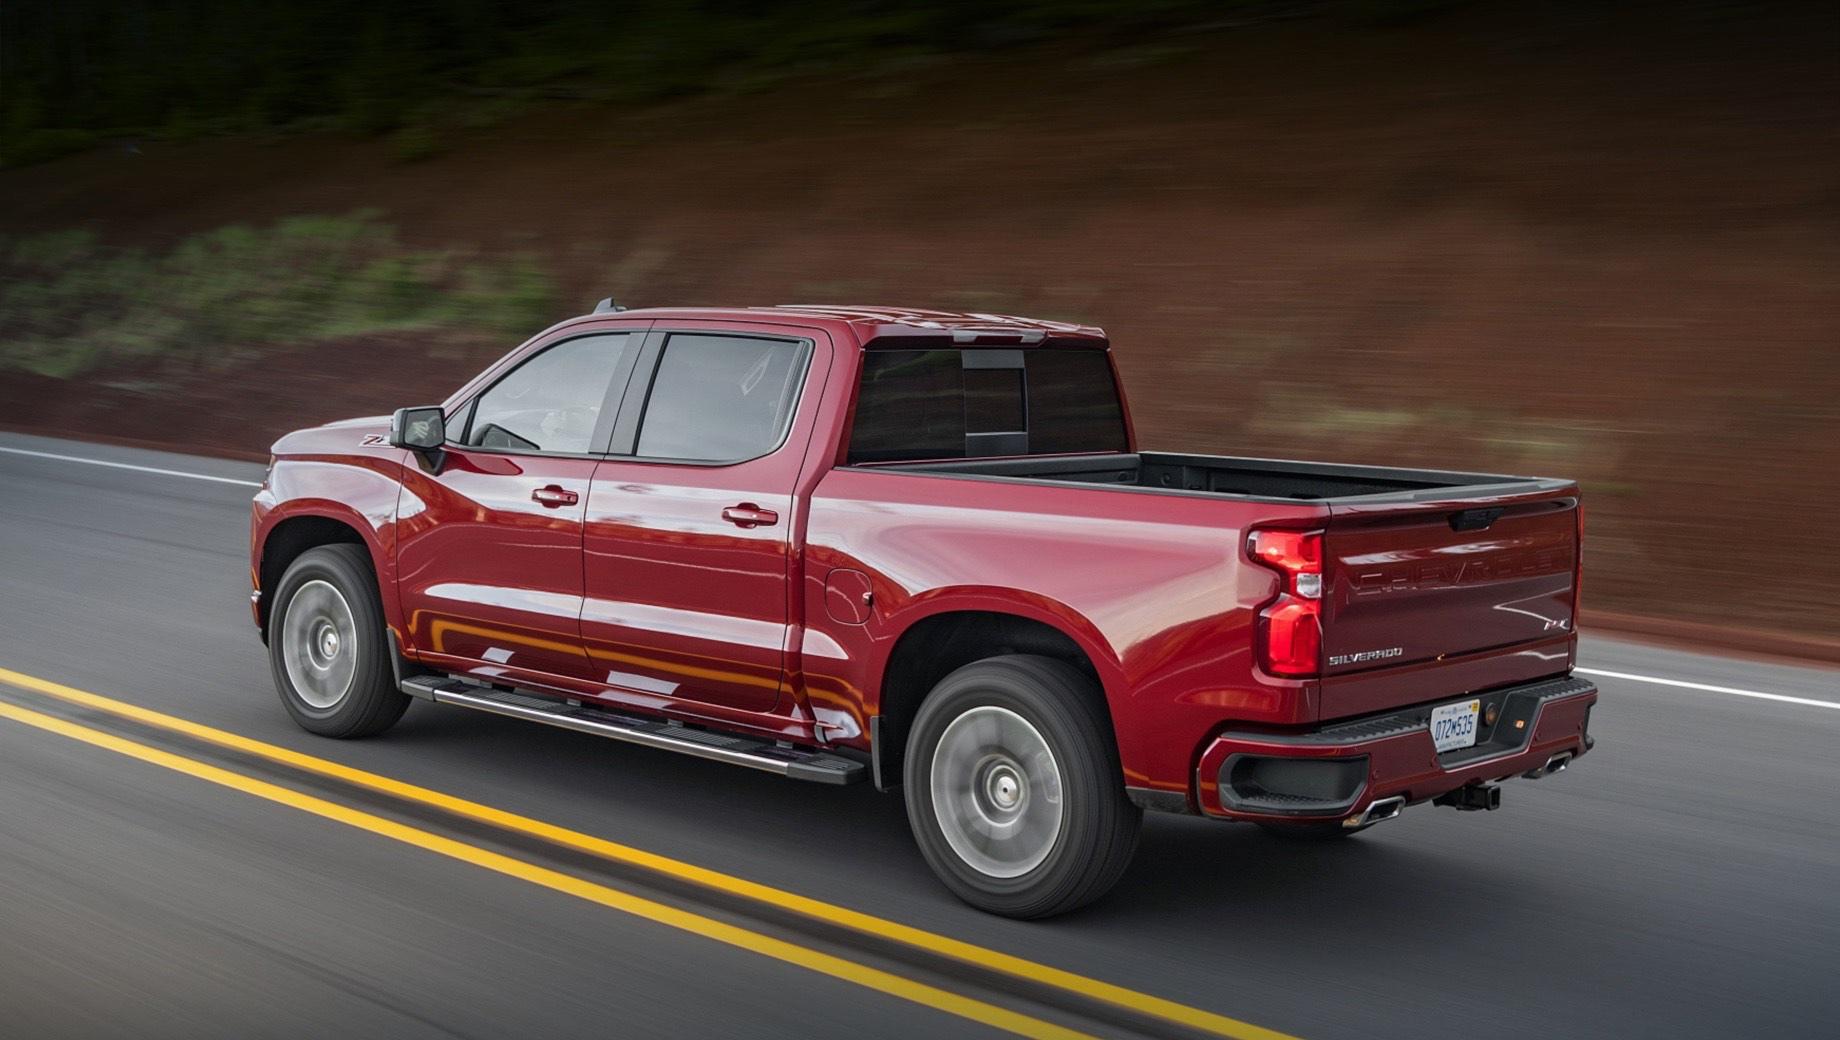 Chevrolet bet truck. По размеру BET Truck должен быть сравним с Silverado (на фото). То есть речь идёт о машине длиной 5,2–5,4 м. Но электрическая модель, скорее всего, будет позиционироваться как самостоятельное предложение, не ещё одна версия Silverado.